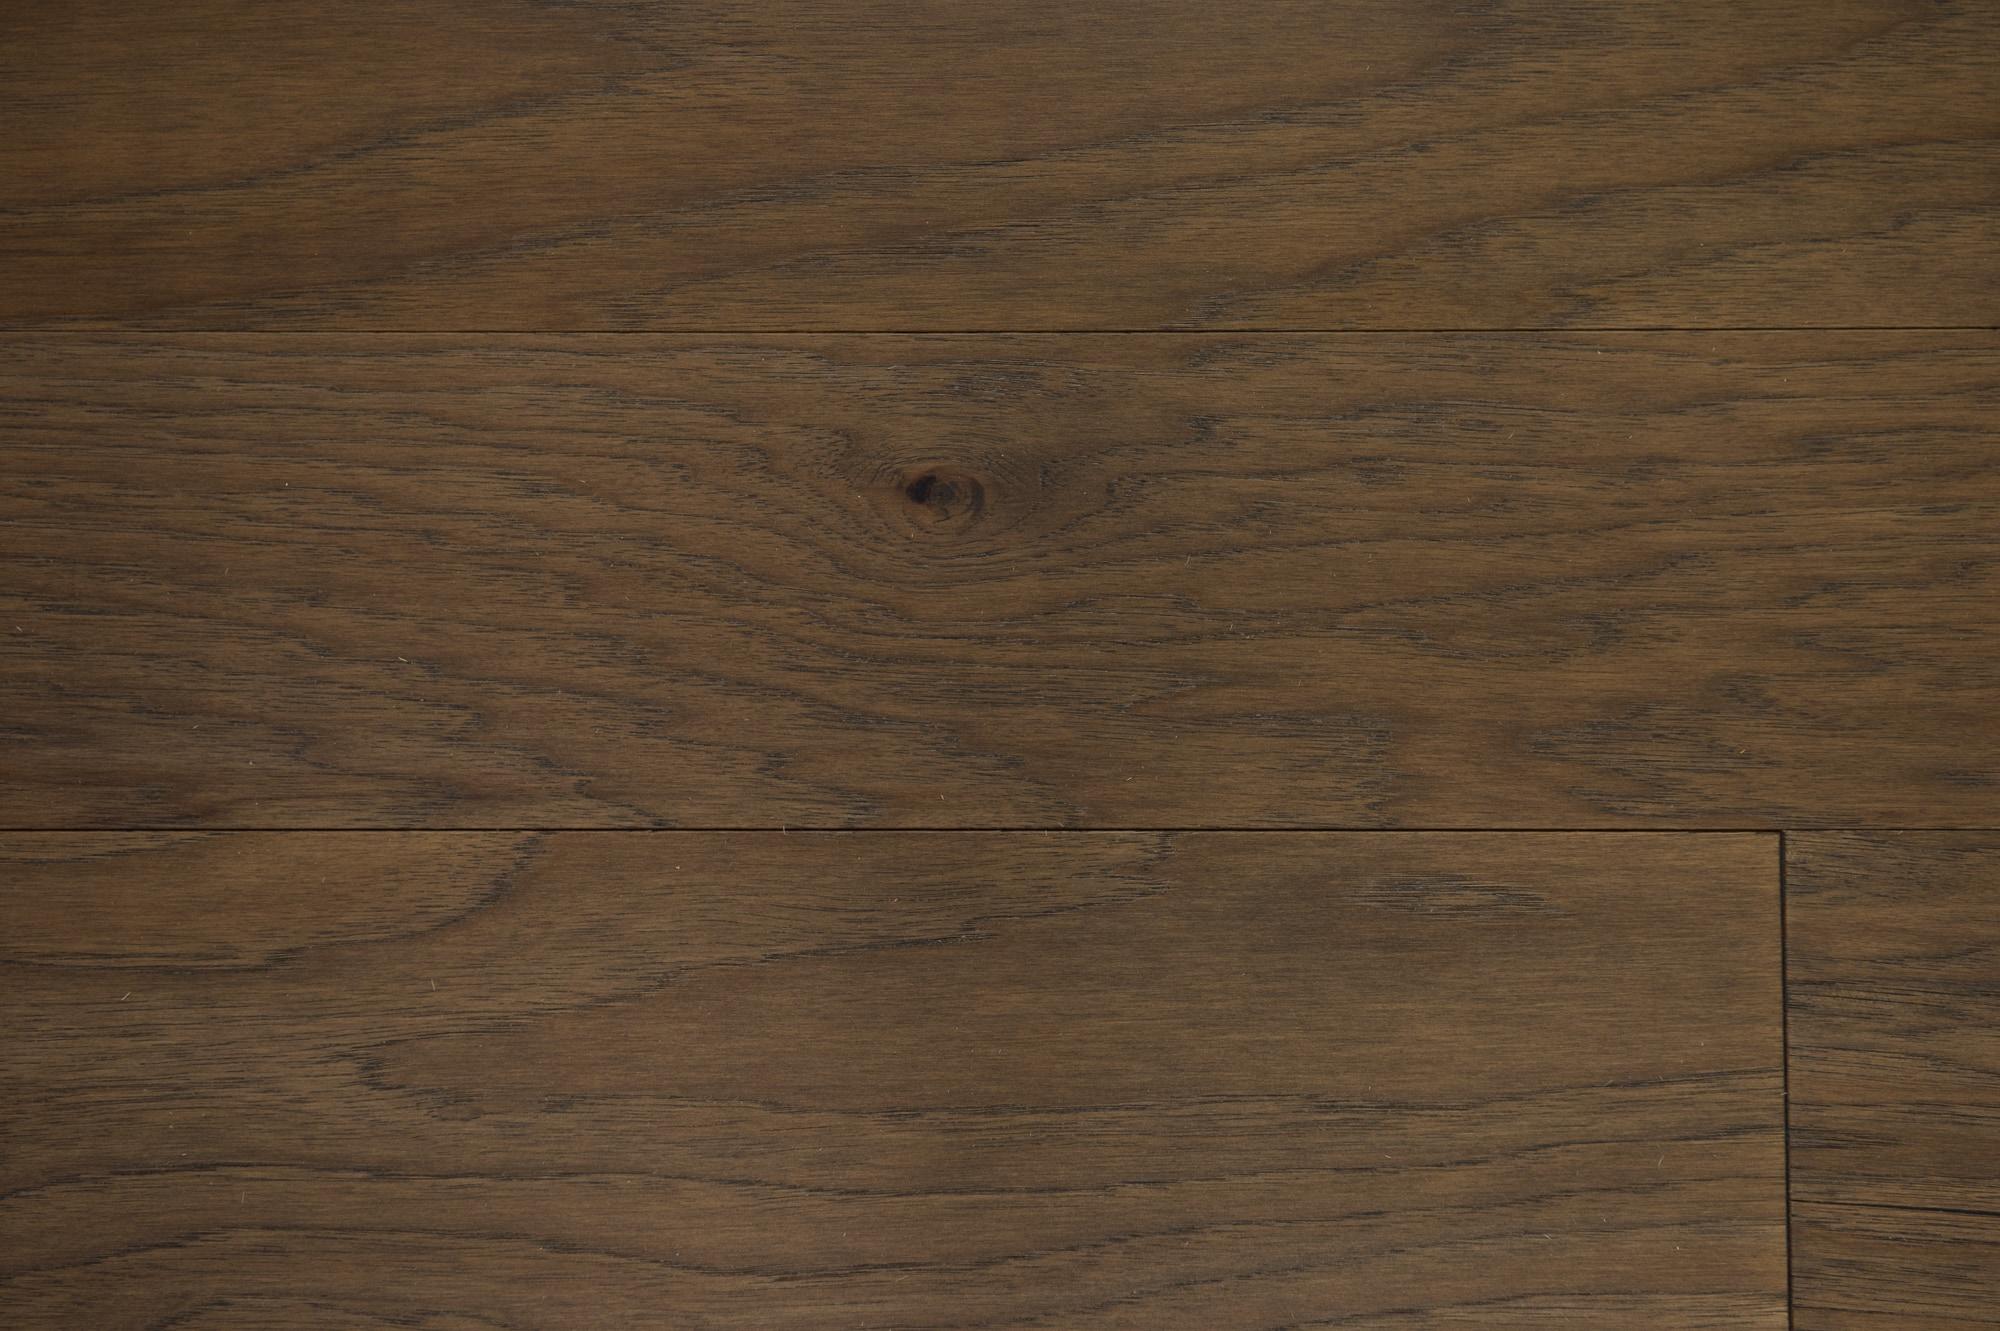 Mocha / Hickory / Urethane / ABC / Sample Engineered Hardwood - Hickory - Ozarks Collection 0